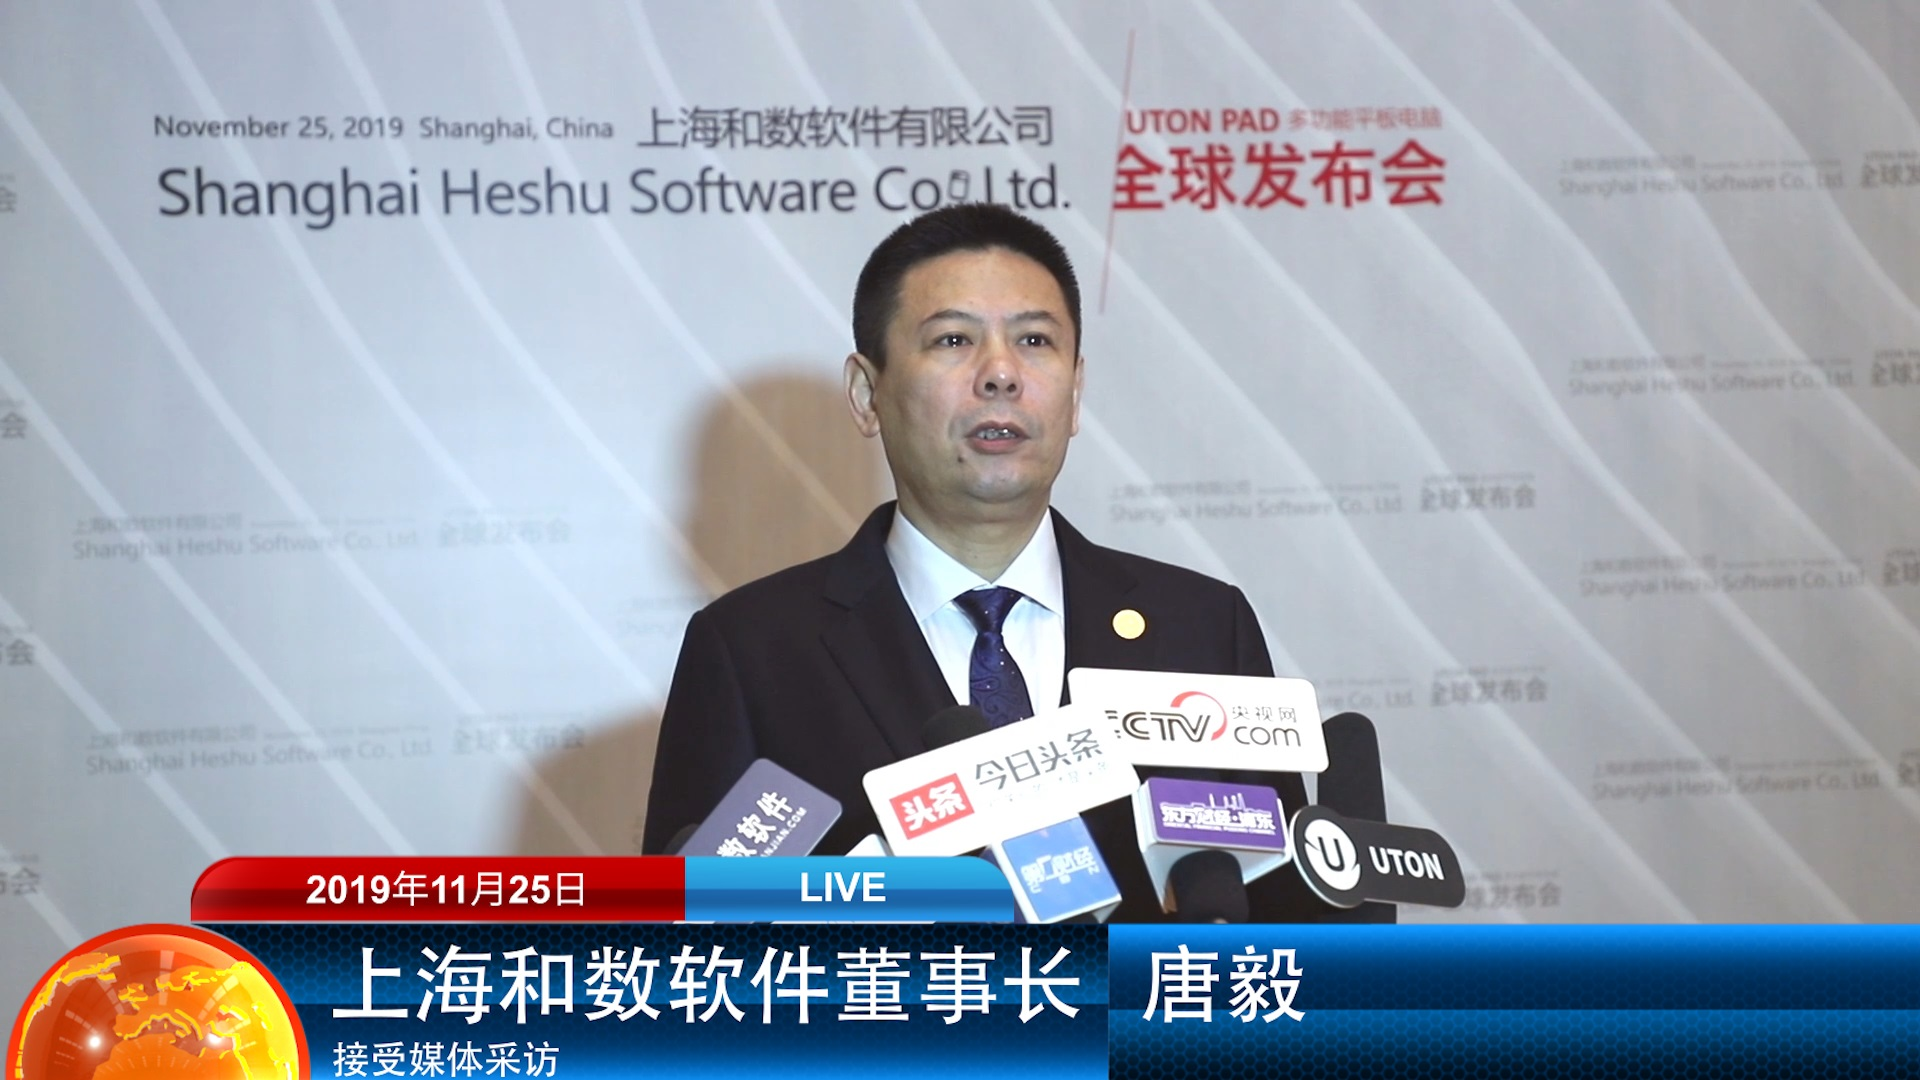 和数软件董事长唐毅先生等接受上海第一财经、东方财经、央视网、今日头条等知名媒体采访